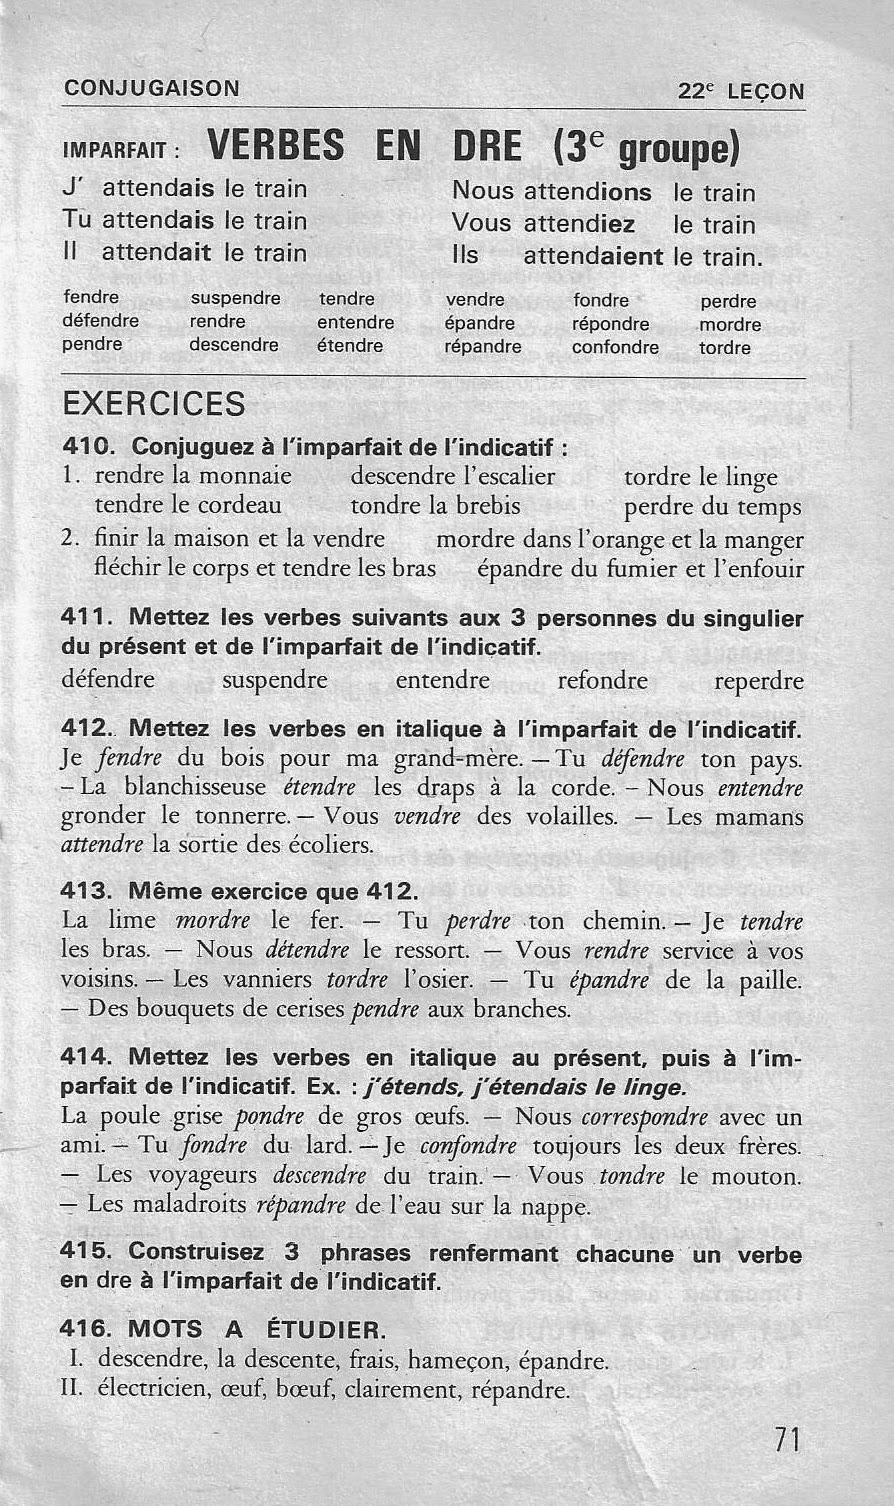 Ecole References 15 A 23 Imparfait De L Indicatif Bled Ce Cm1 Conjugaison